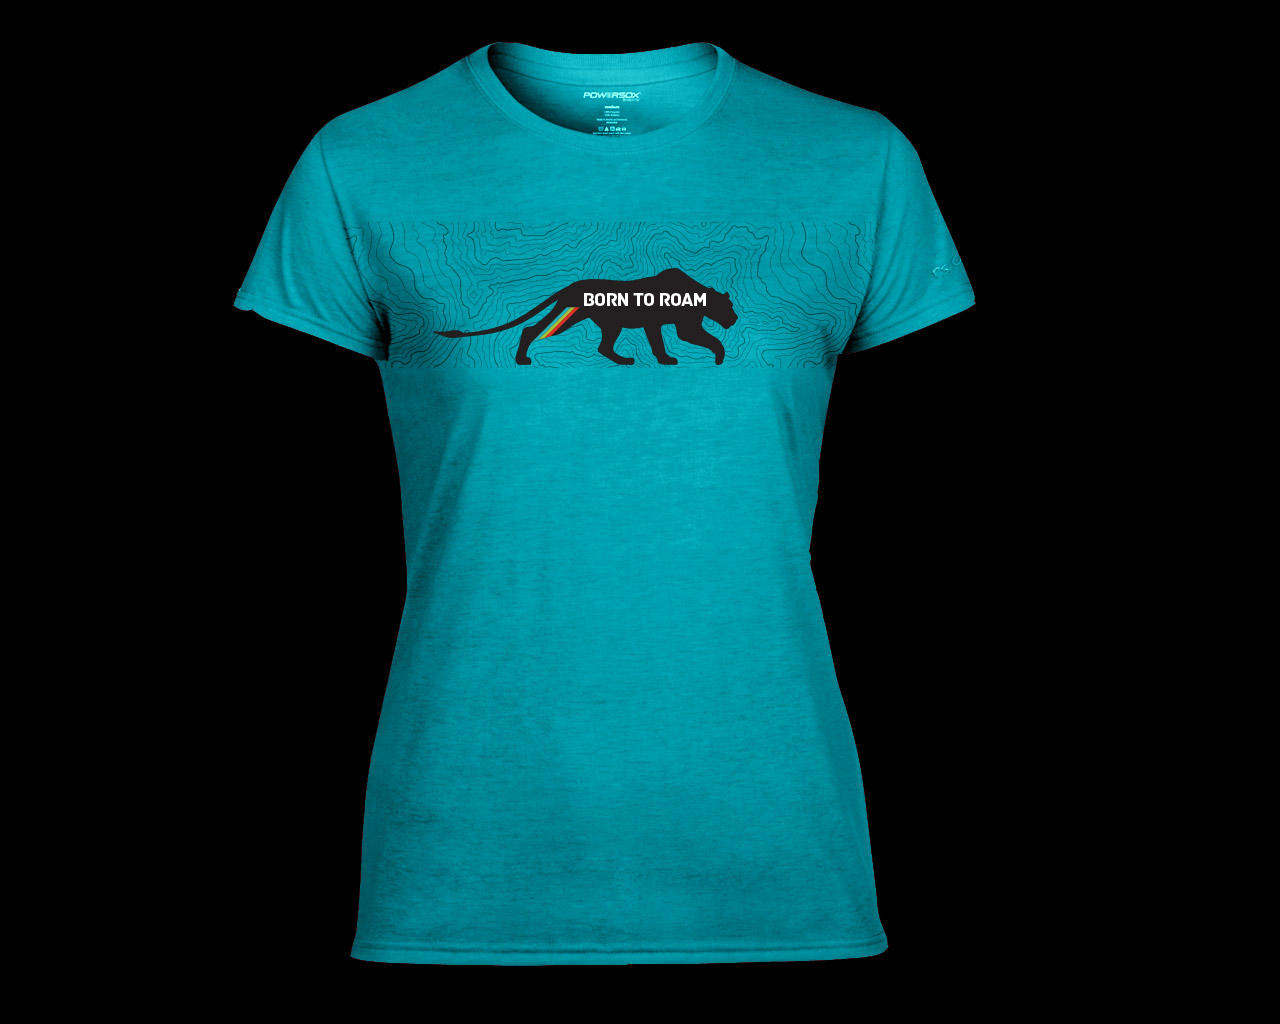 FRO-Roam-Shirt02.jpg